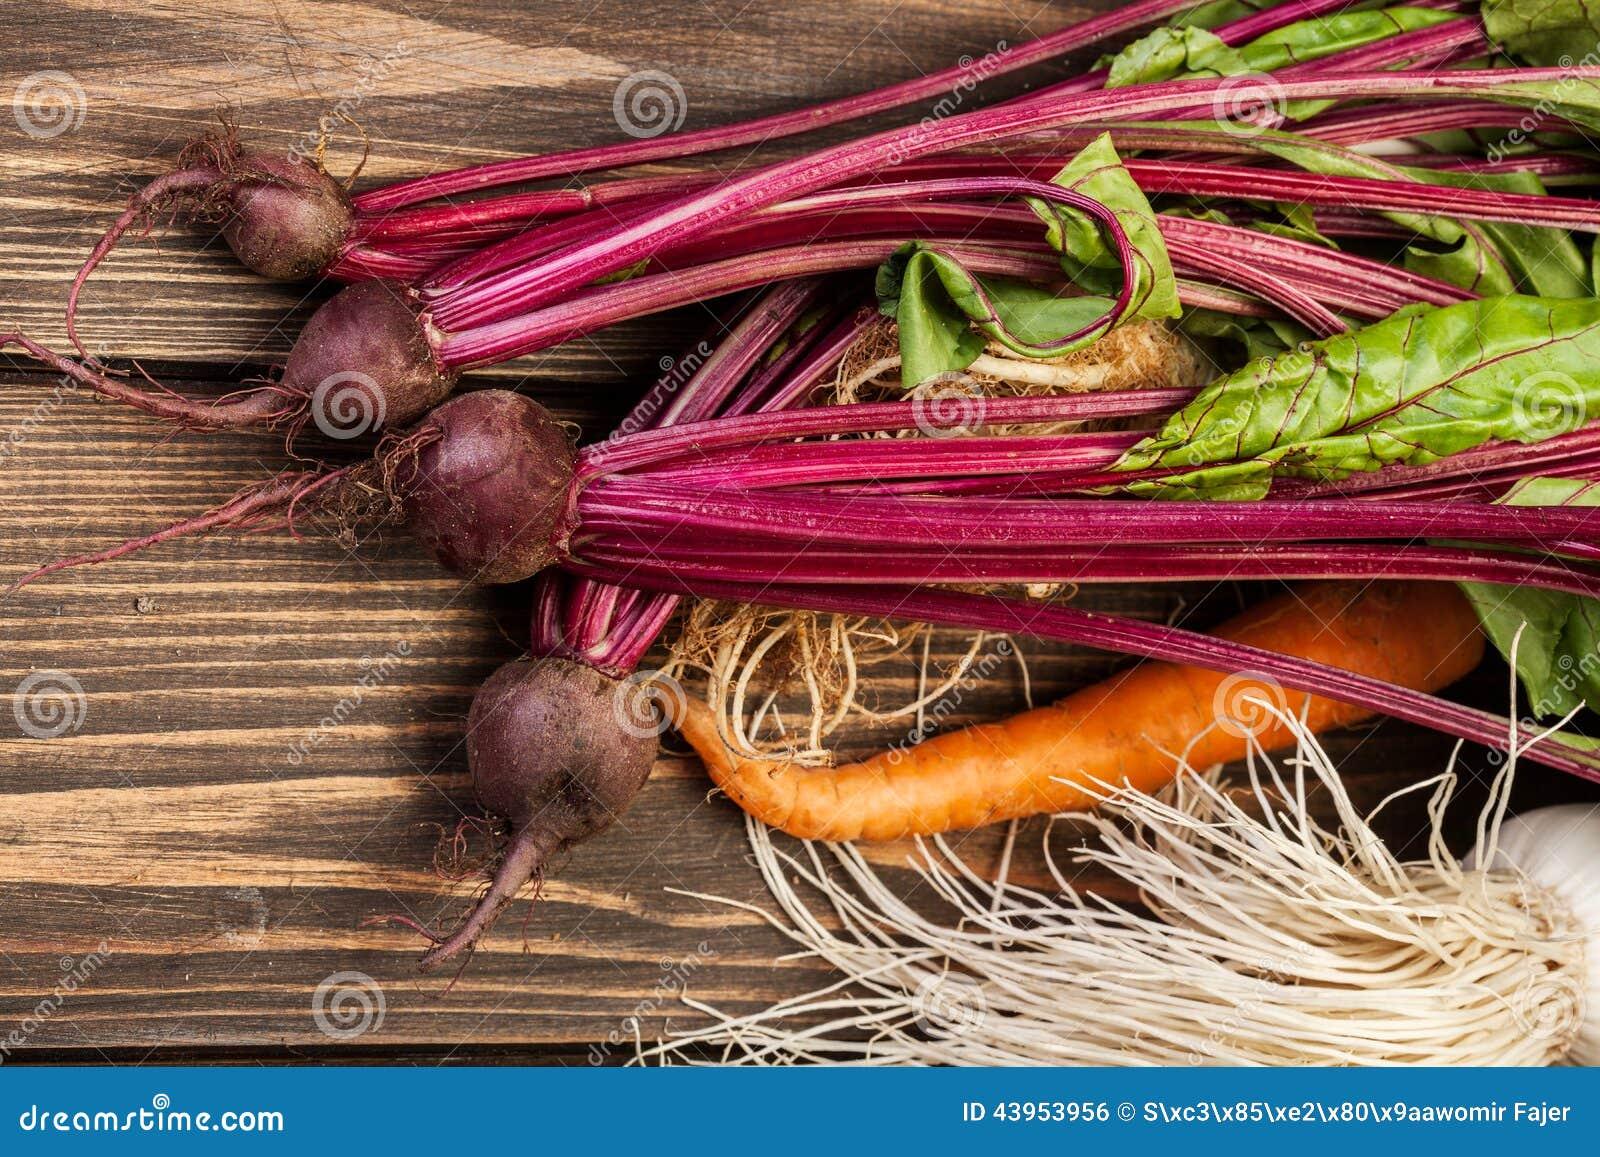 Бураки, моркови и лук-порей